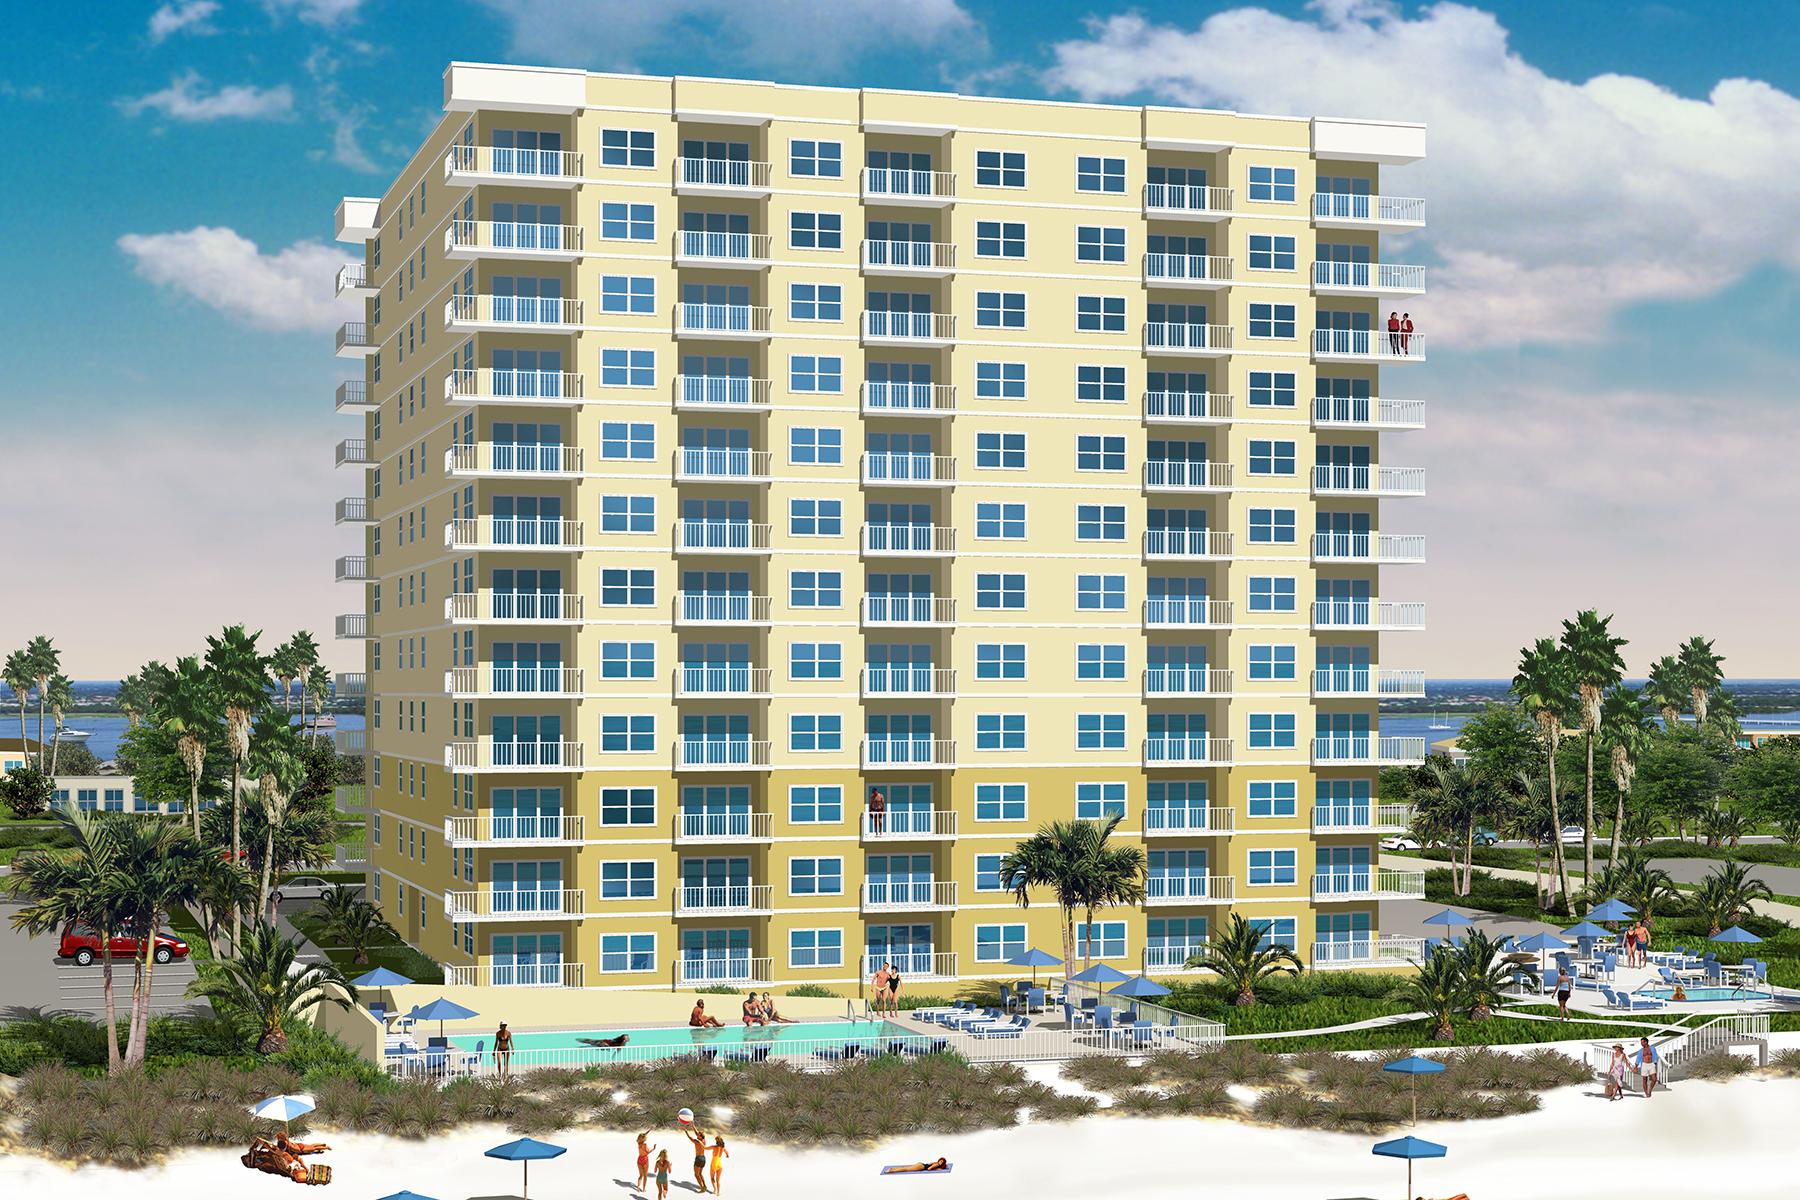 콘도미니엄 용 매매 에 SPRUCE CREEK AND THE BEACHES 3717-3721 S Atlantic Ave 1003 Daytona Beach Shores, 플로리다, 32118 미국